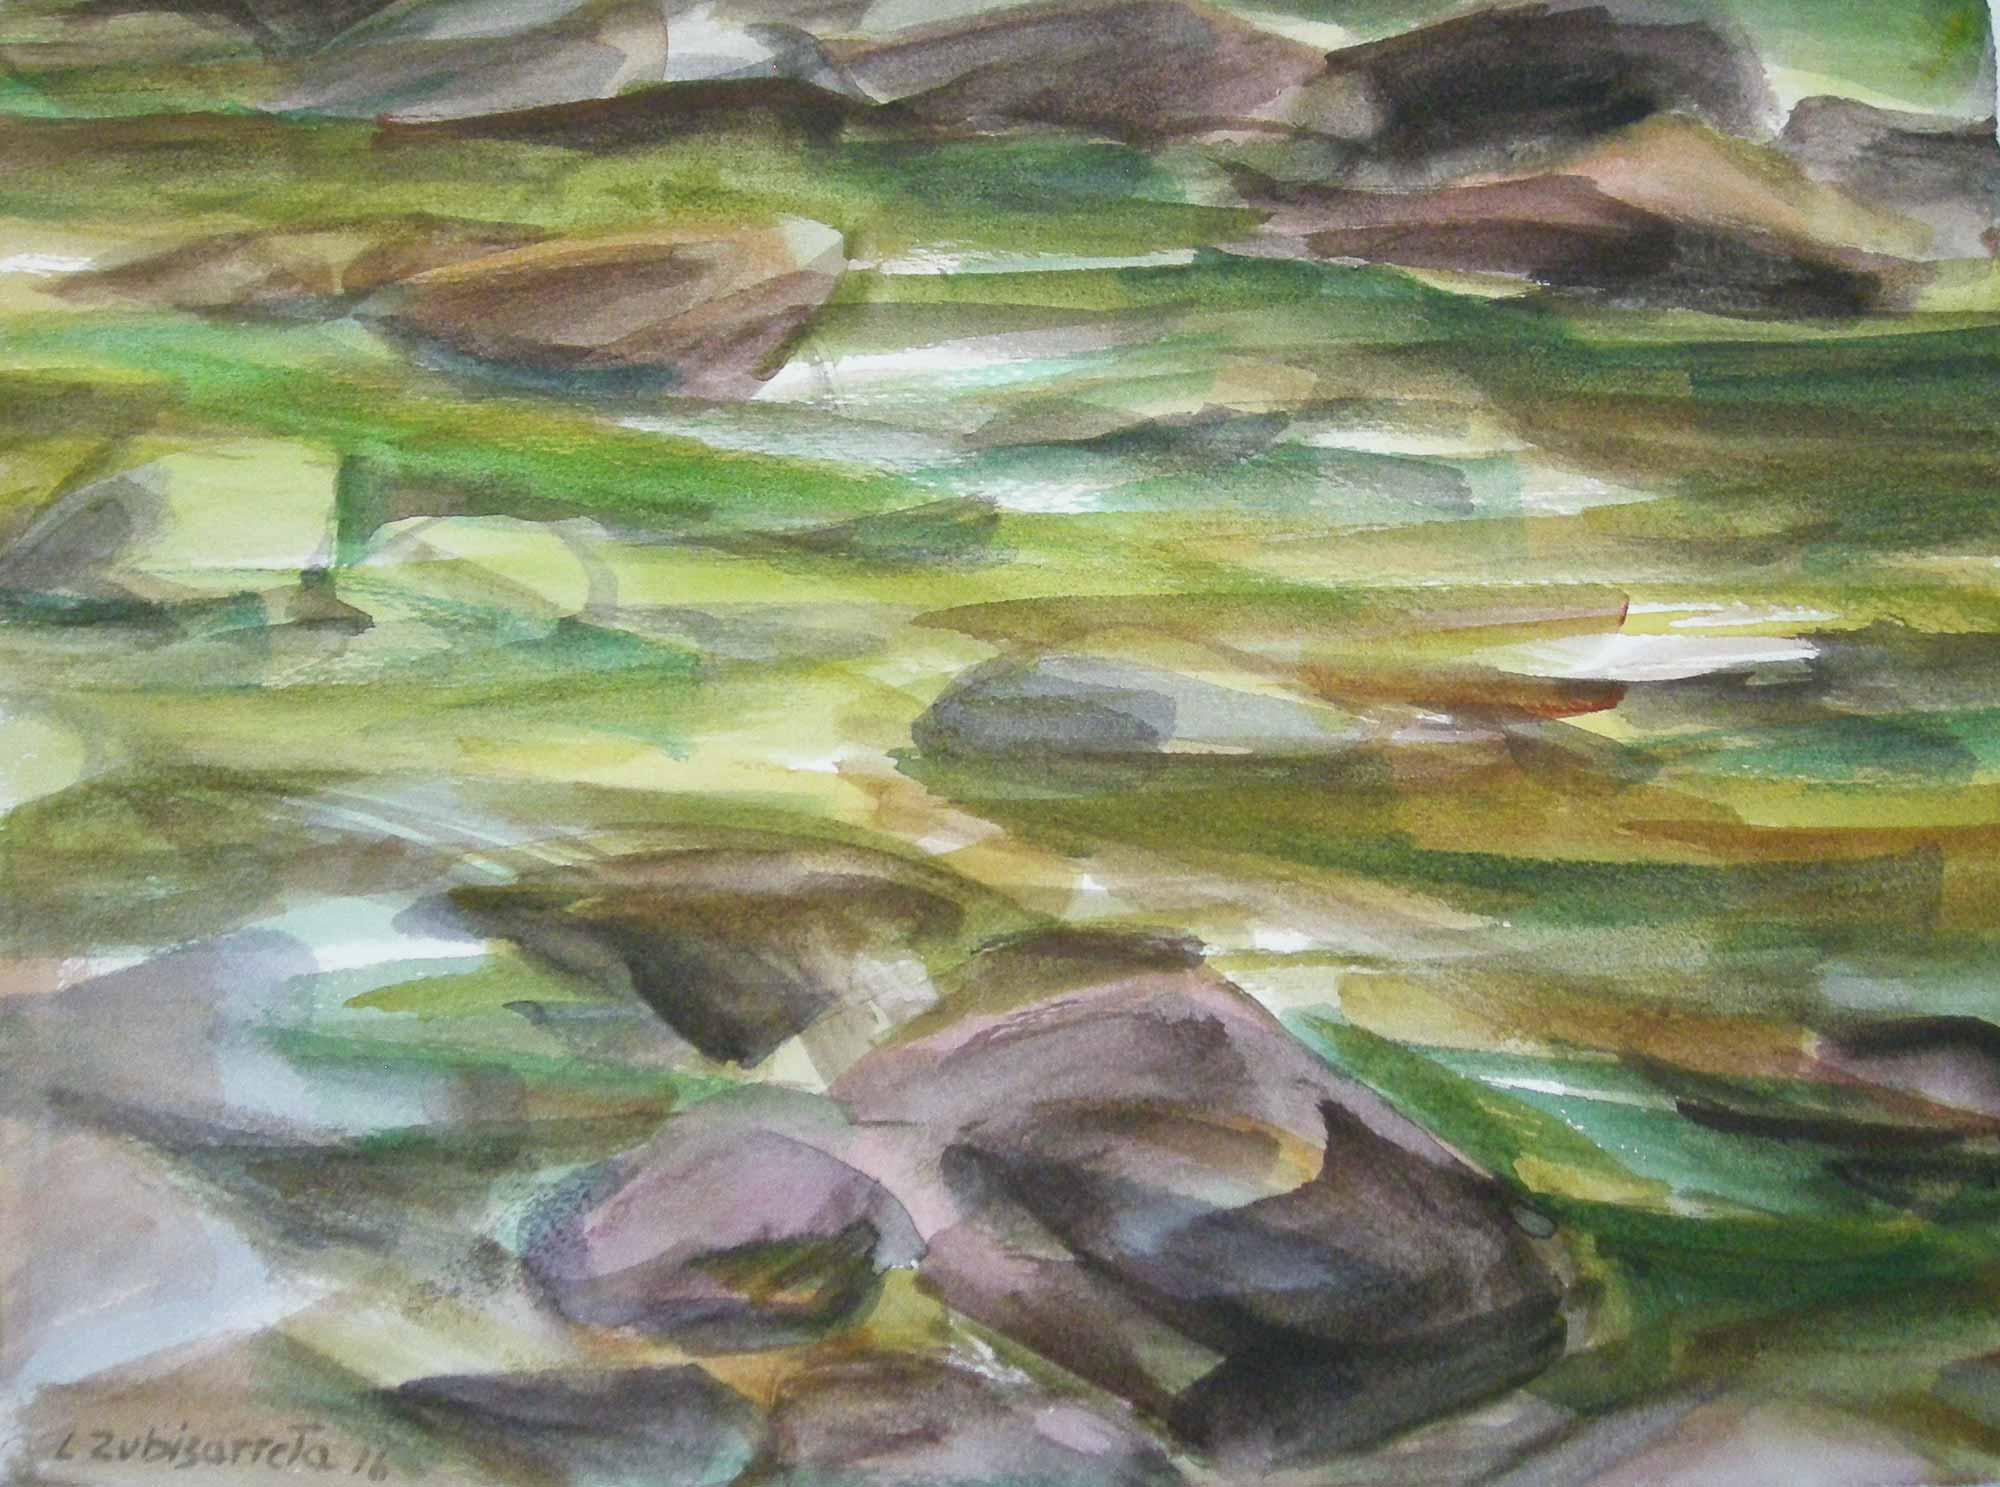 Serie del arroyo